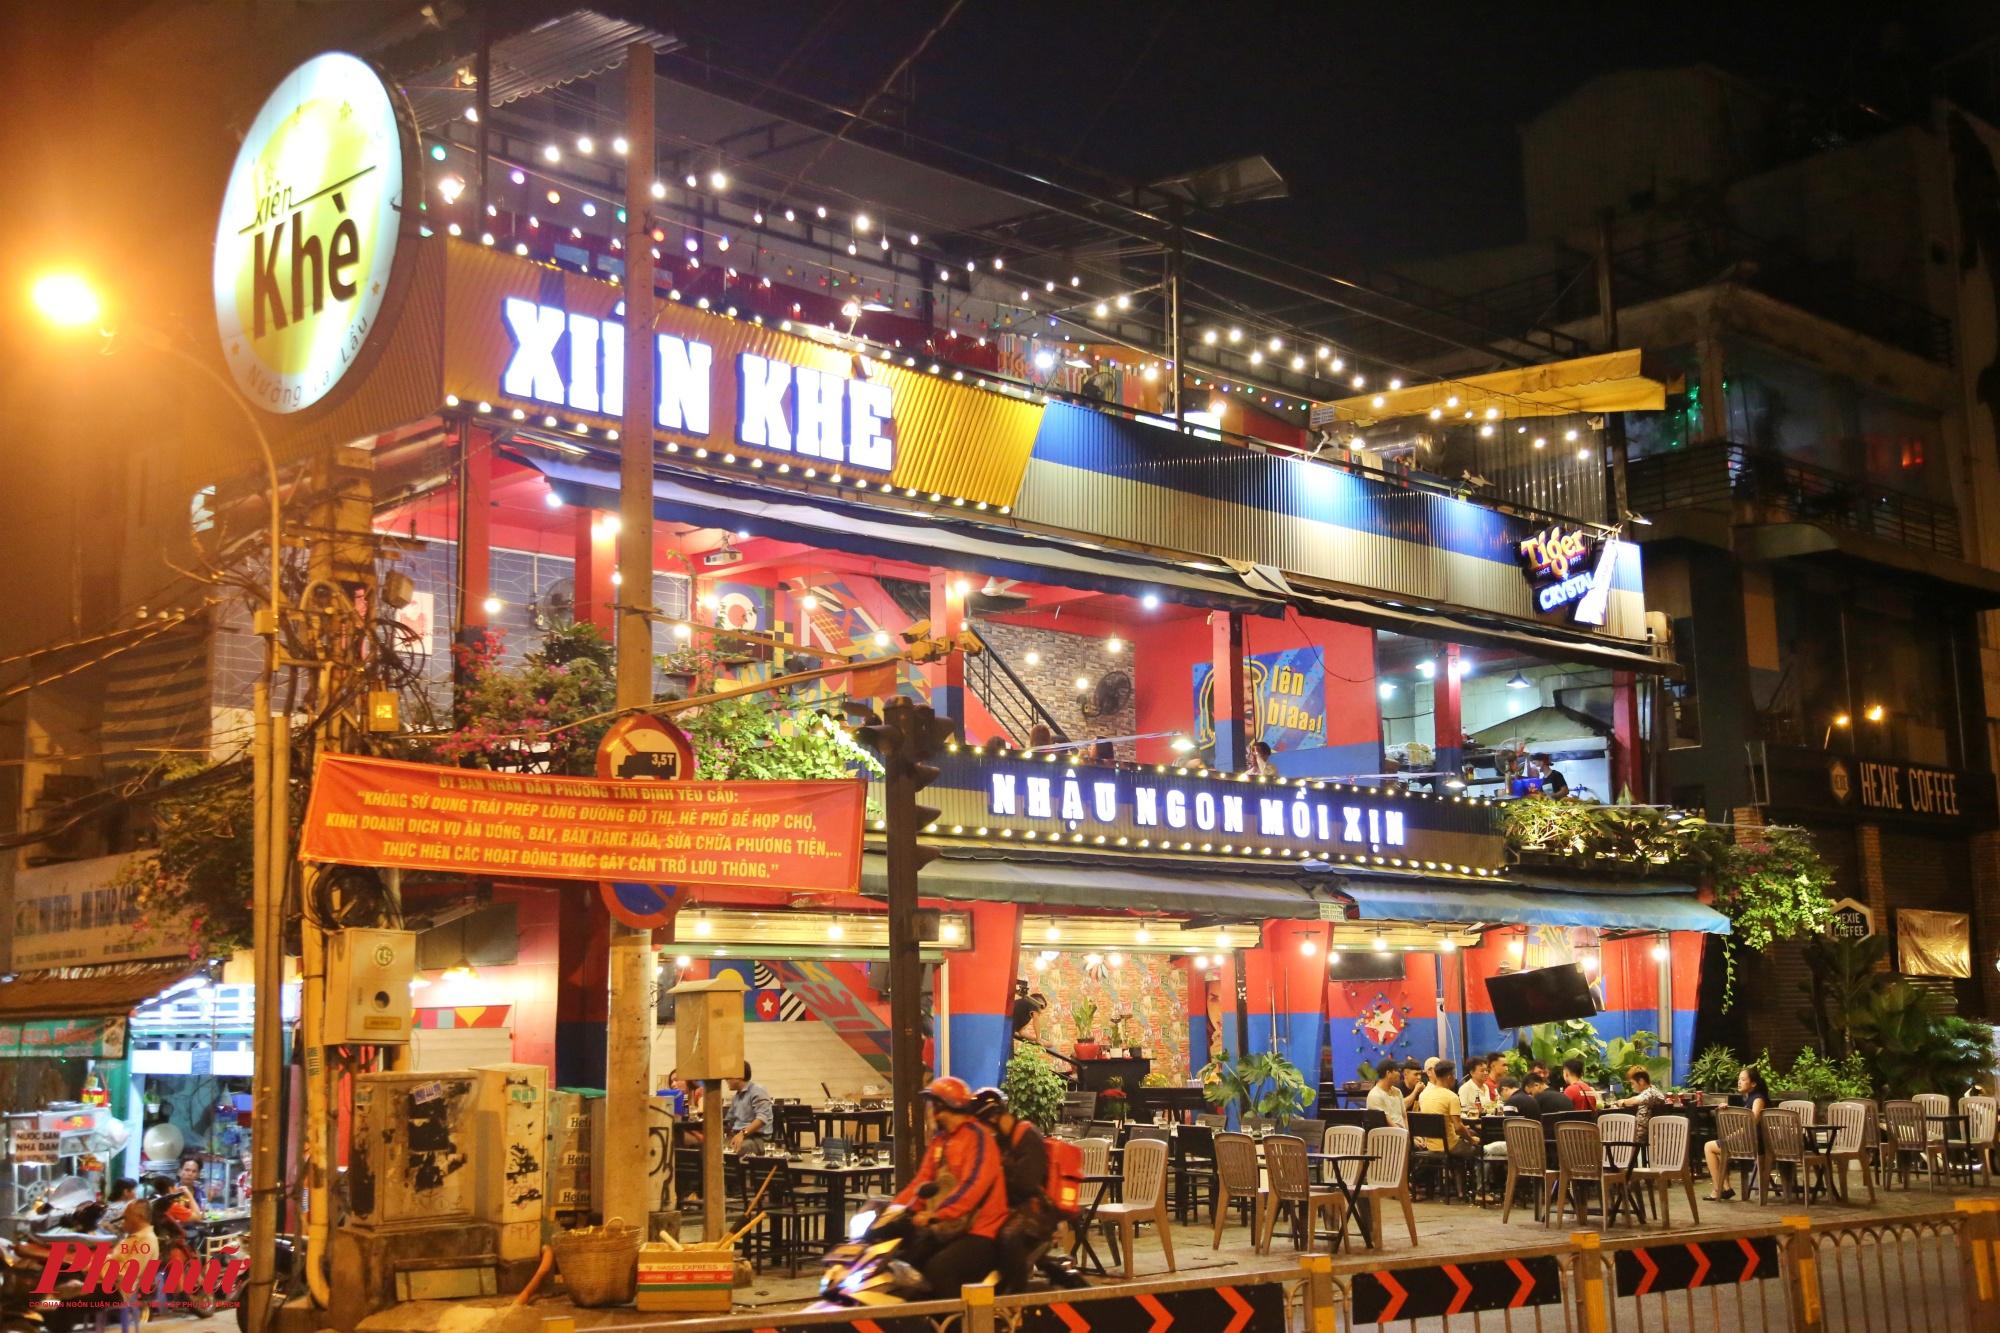 Khoảng 19 giờ, phóng viên ghi nhận tại một quán nhậu ngon mồi xịn nằm trên đường Hoàng Sa, phường Tân Định, quận 1 vẫn sáng đèn trưng dụng bàn ghế ra vỉa hè,, cho nhân viên ra tận đường để đón khách, mặc dù lượng khách rất ít.